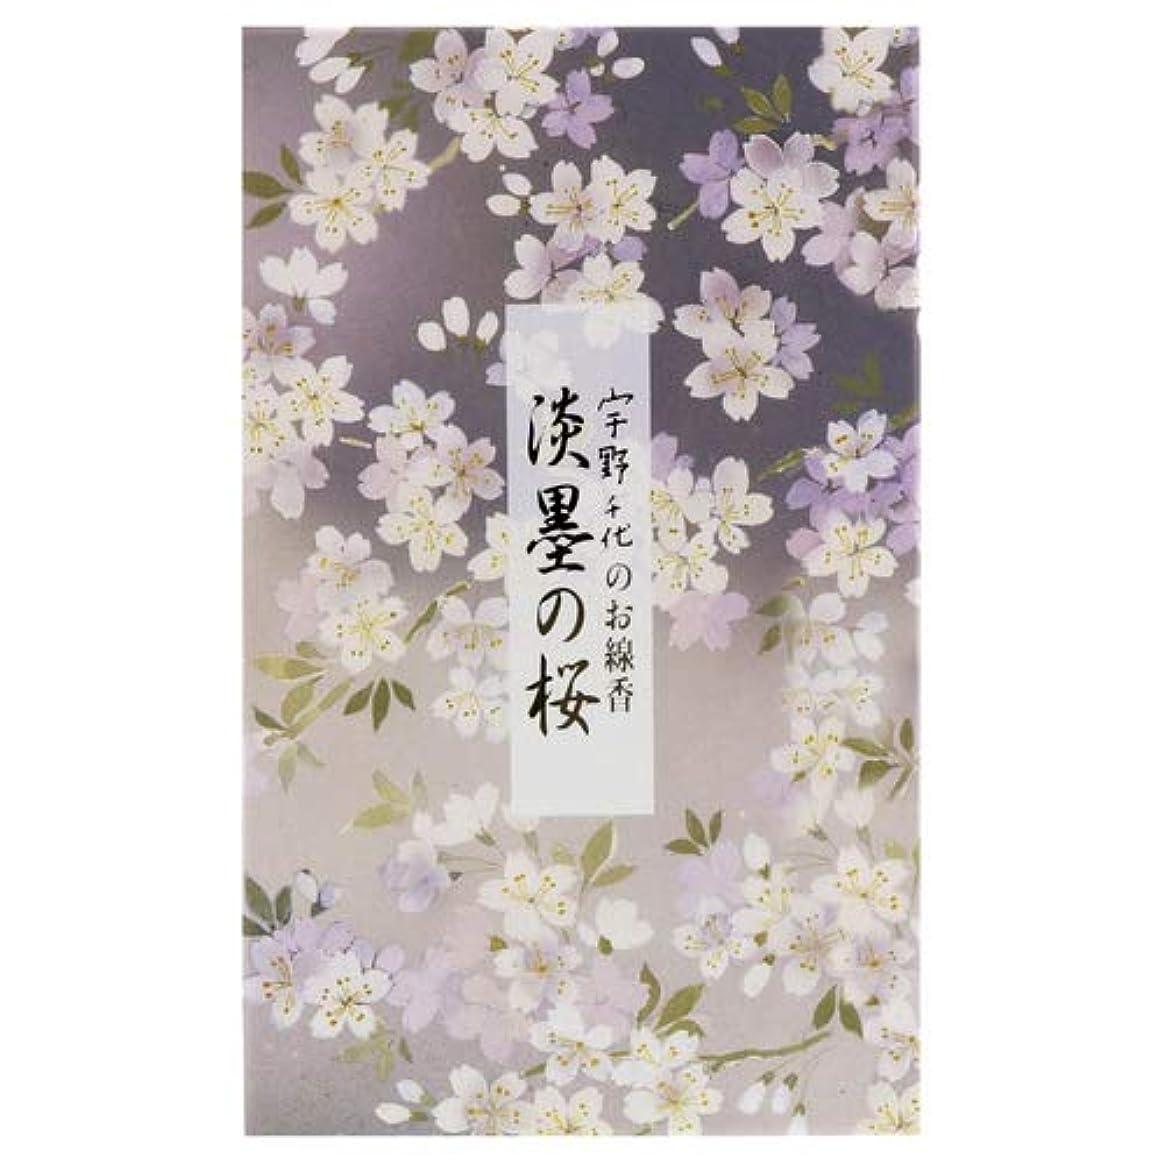 温帯アンカー落胆する宇野千代のお線香 淡墨の桜 バラ詰